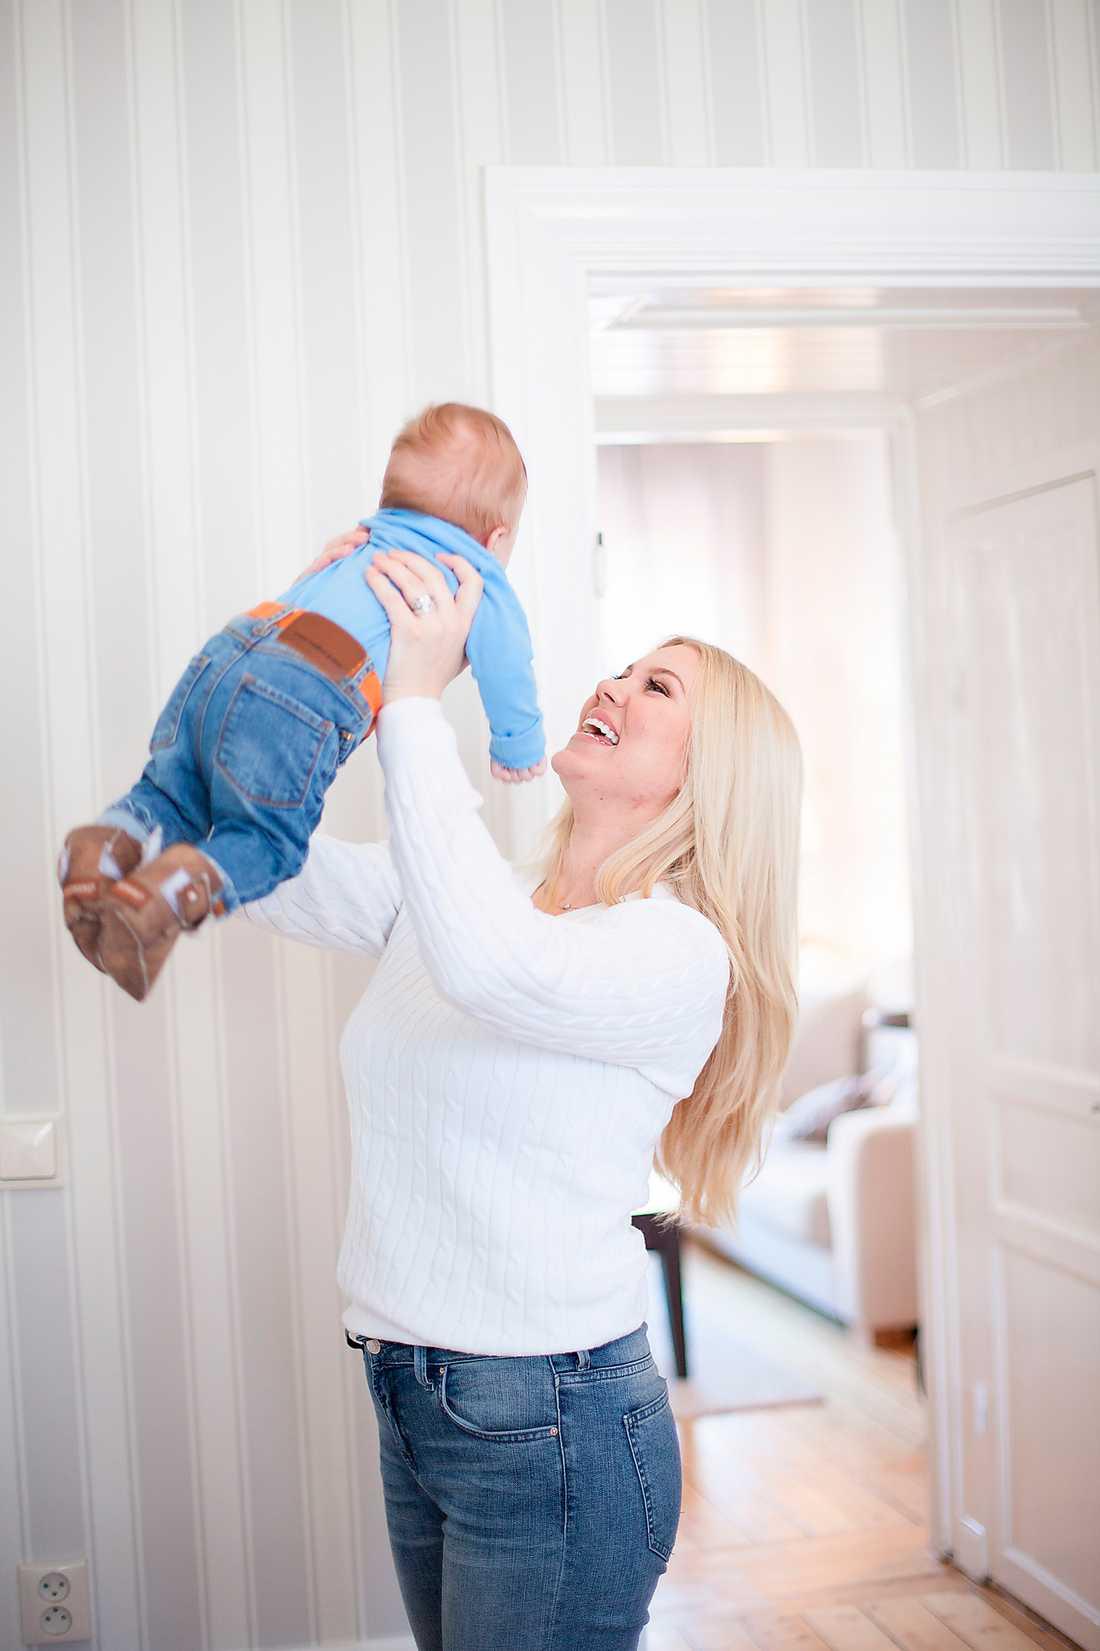 """Firma mamma 24-åriga entreprenören och bloggaren Isabella """"Blondinbella"""" Löwengrip Spångberg beskriver sin förlossning som ett företag. Foto: Judith Kirkhoff"""